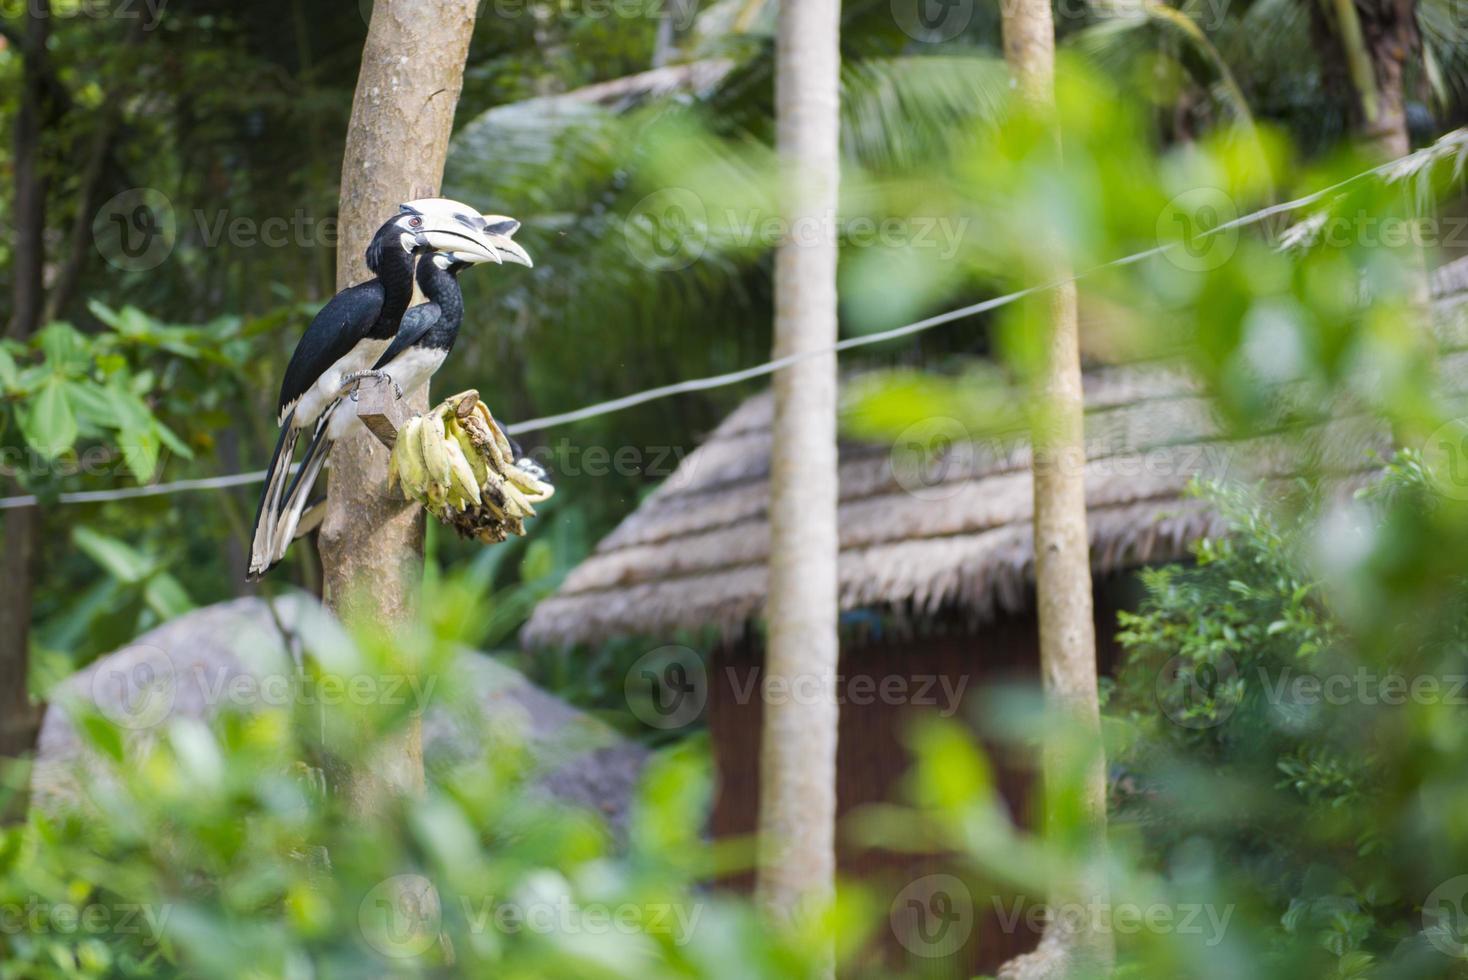 neushoornvogel zitstokken op een tak in het bos foto